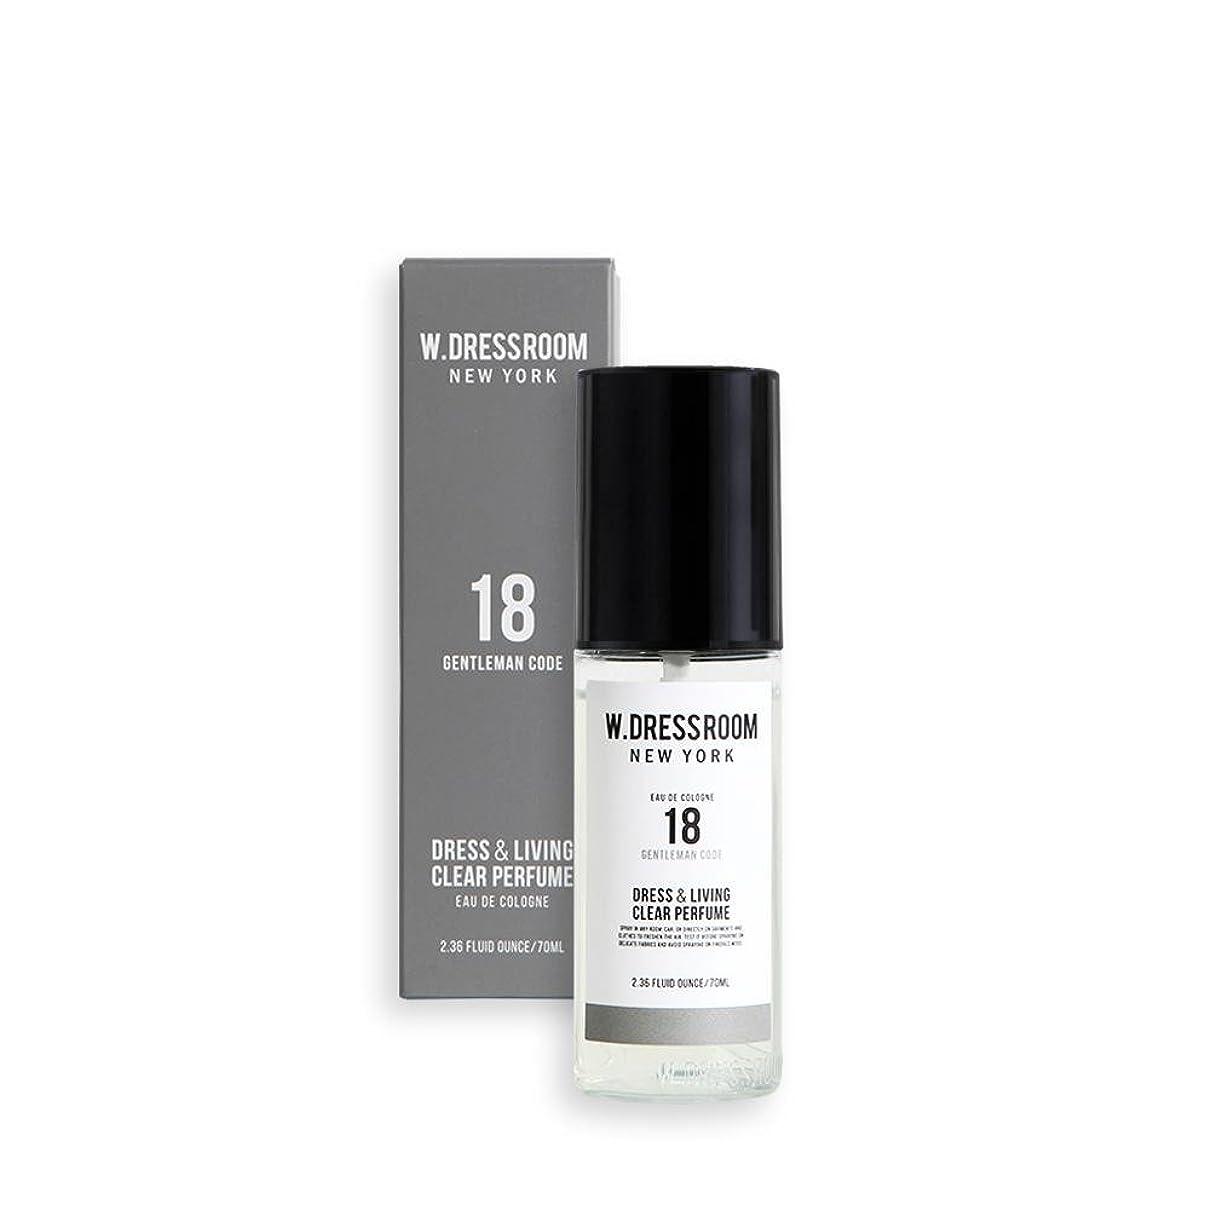 結び目ビクタースカウトW.DRESSROOM Dress & Living Clear Perfume fragrance 70ml (#No.18 Gentleman Code)/ダブルドレスルーム ドレス&リビング クリア パフューム 70ml (#No.18 Gentleman Code)